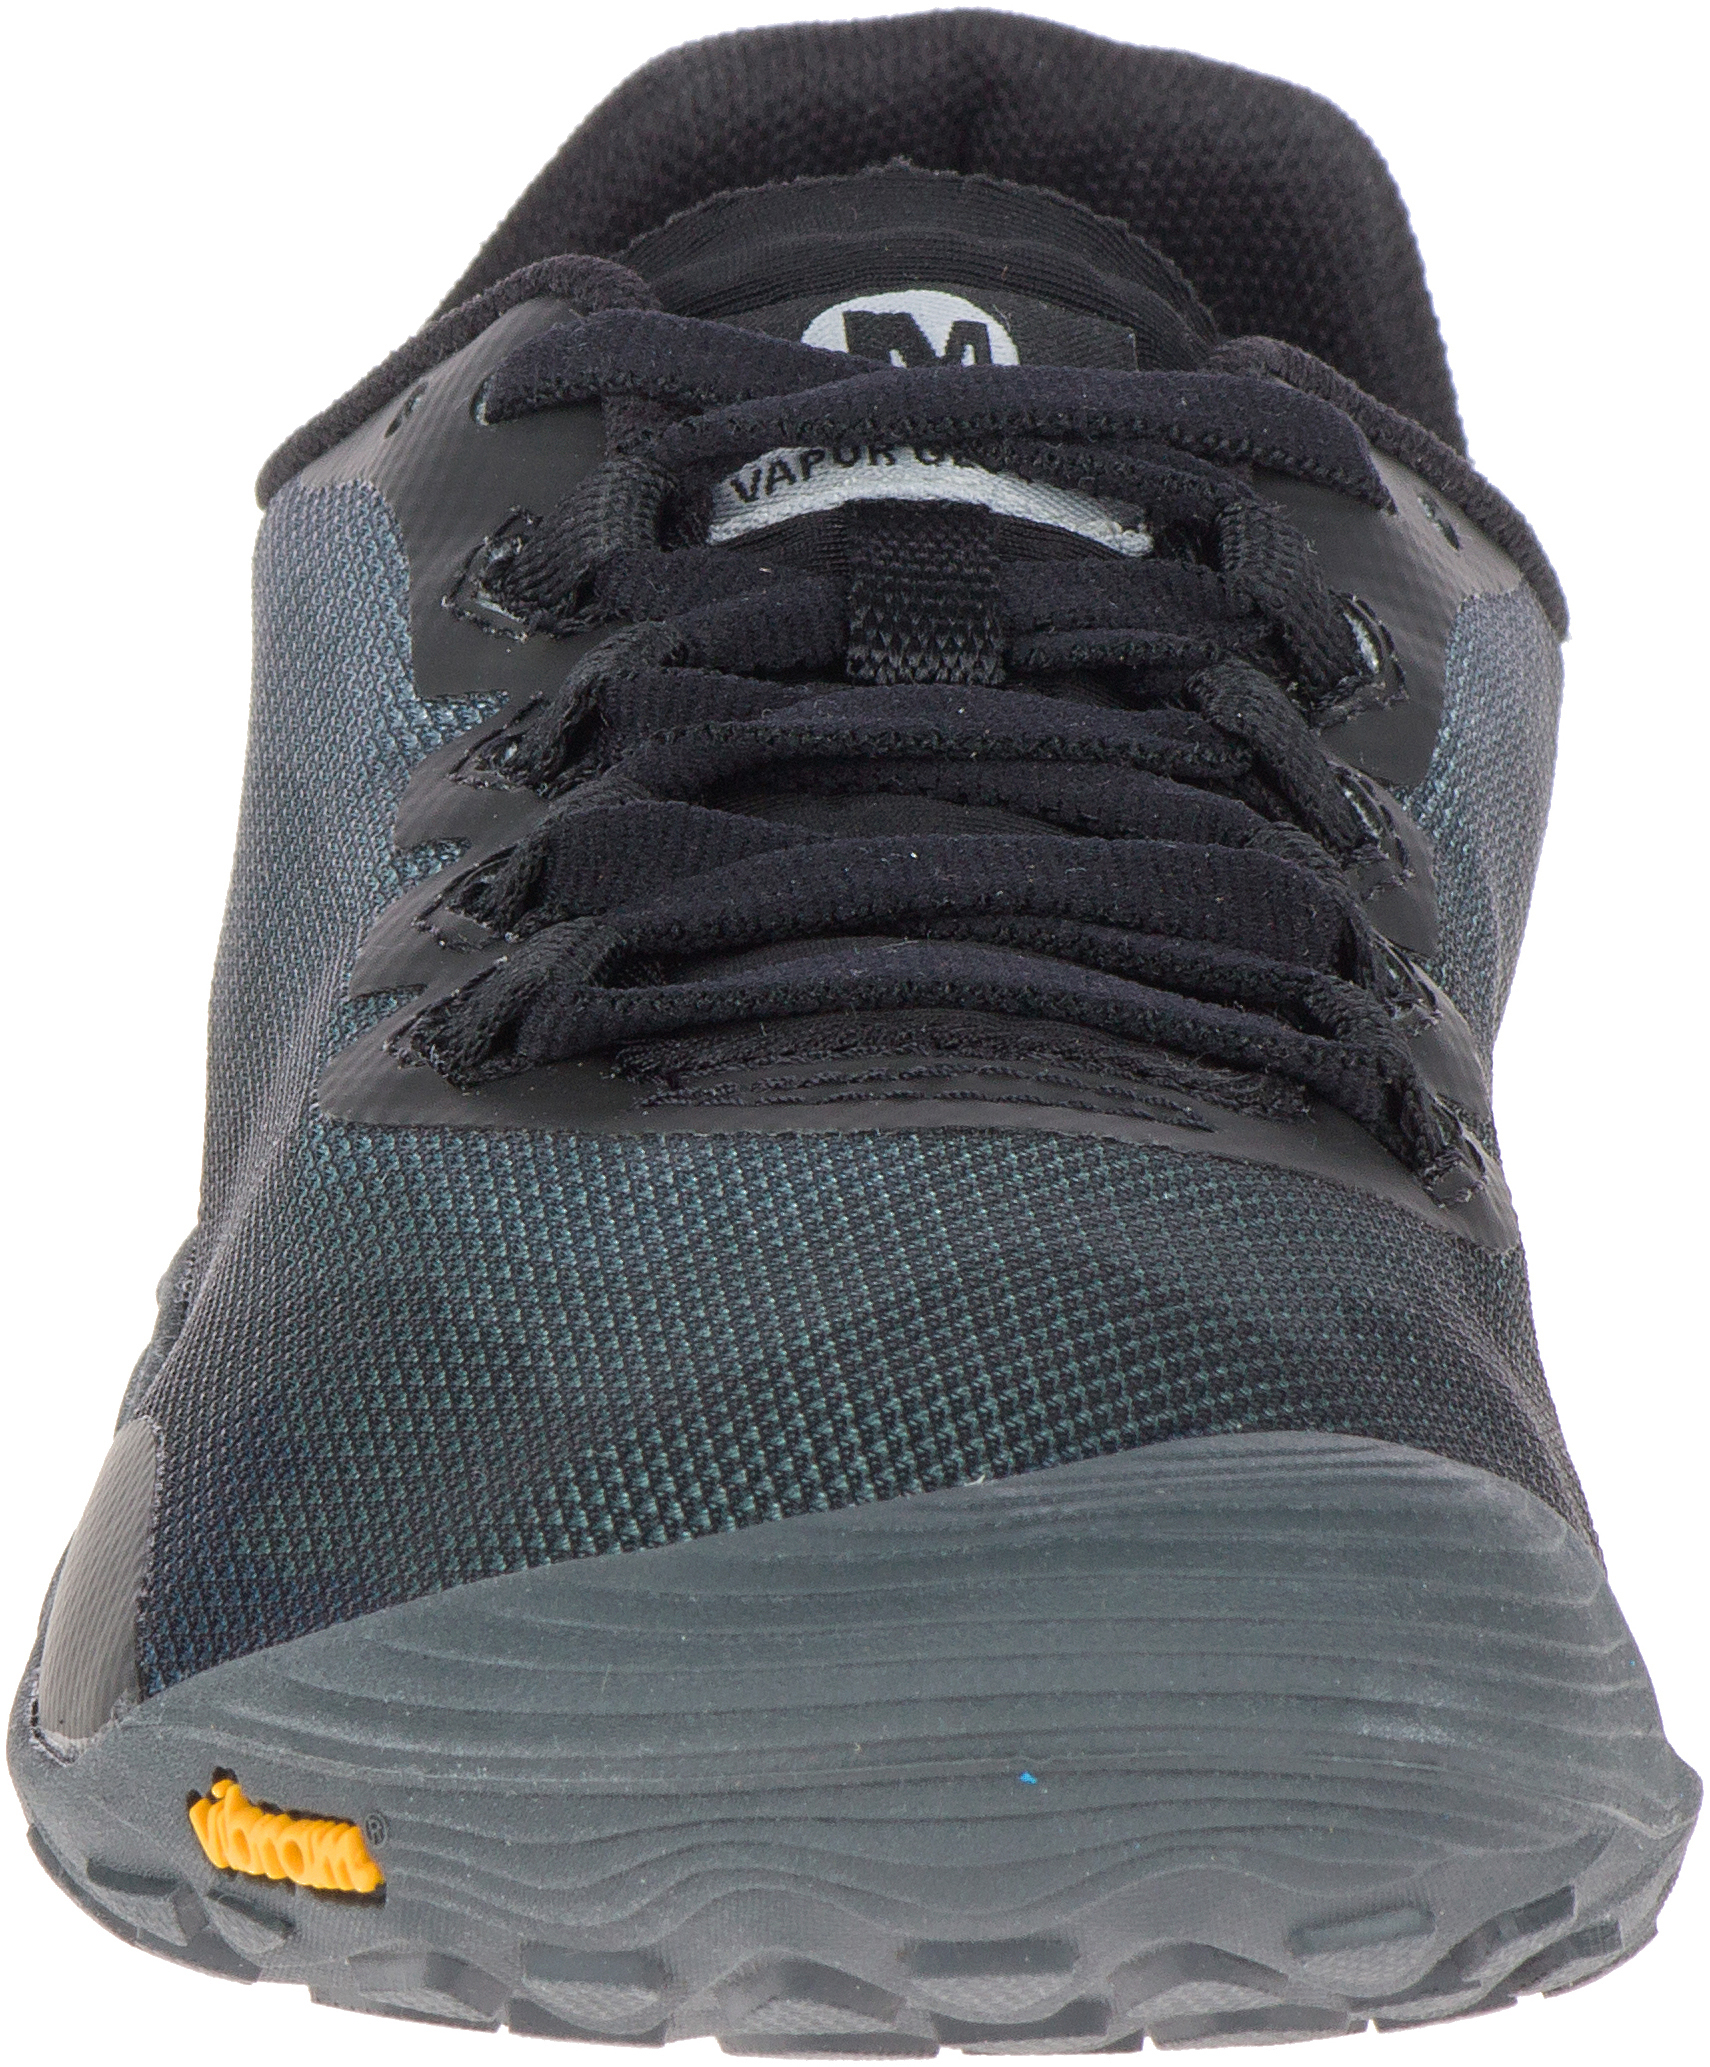 Merrell Vapor Glove 4 Trail Running Shoes Women's